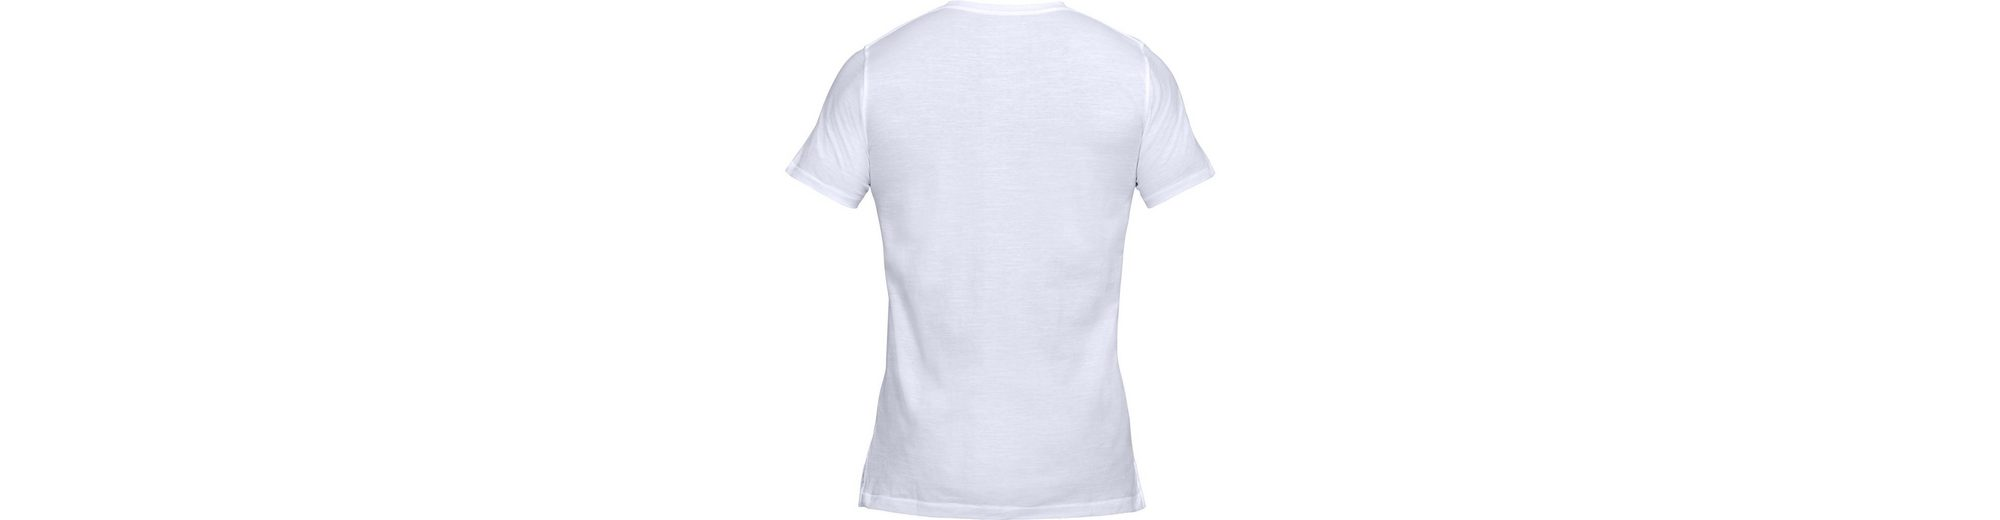 Under Armour® Funktionsshirt Erhalten Authentisch Zu Verkaufen 4hybWpm